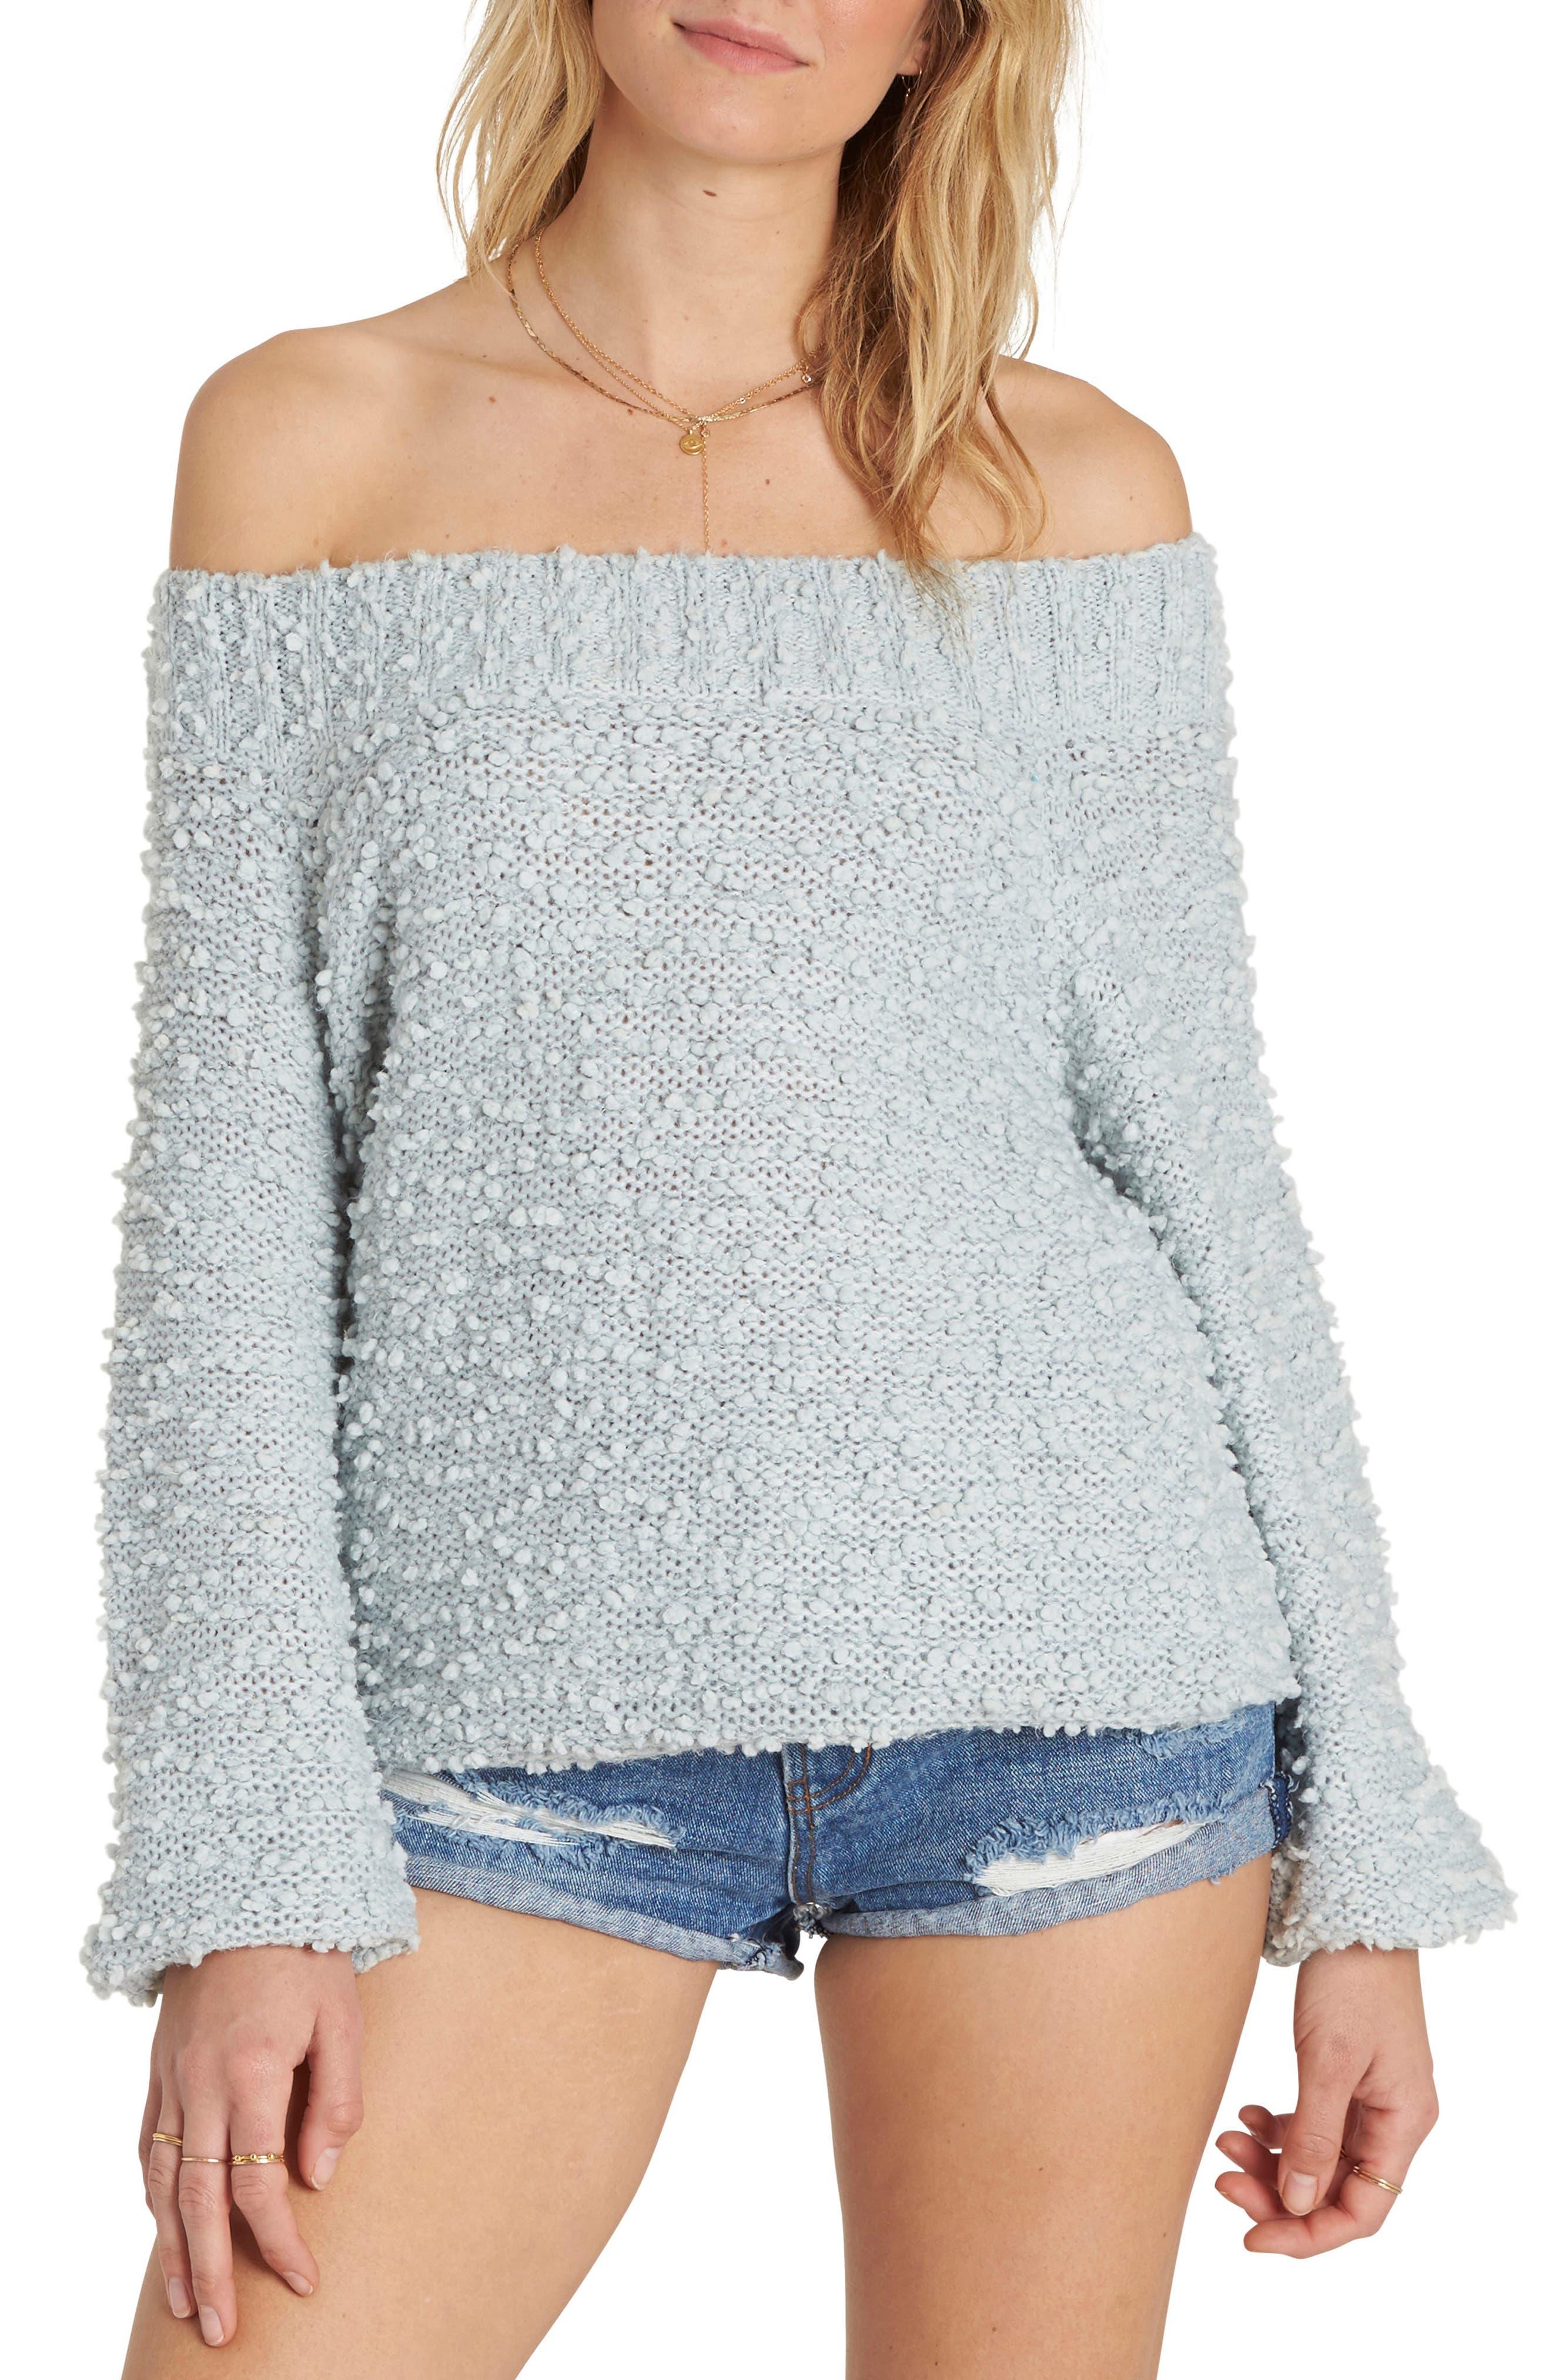 Alternate Image 1 Selected - Billabong Furget Me Not Sweater